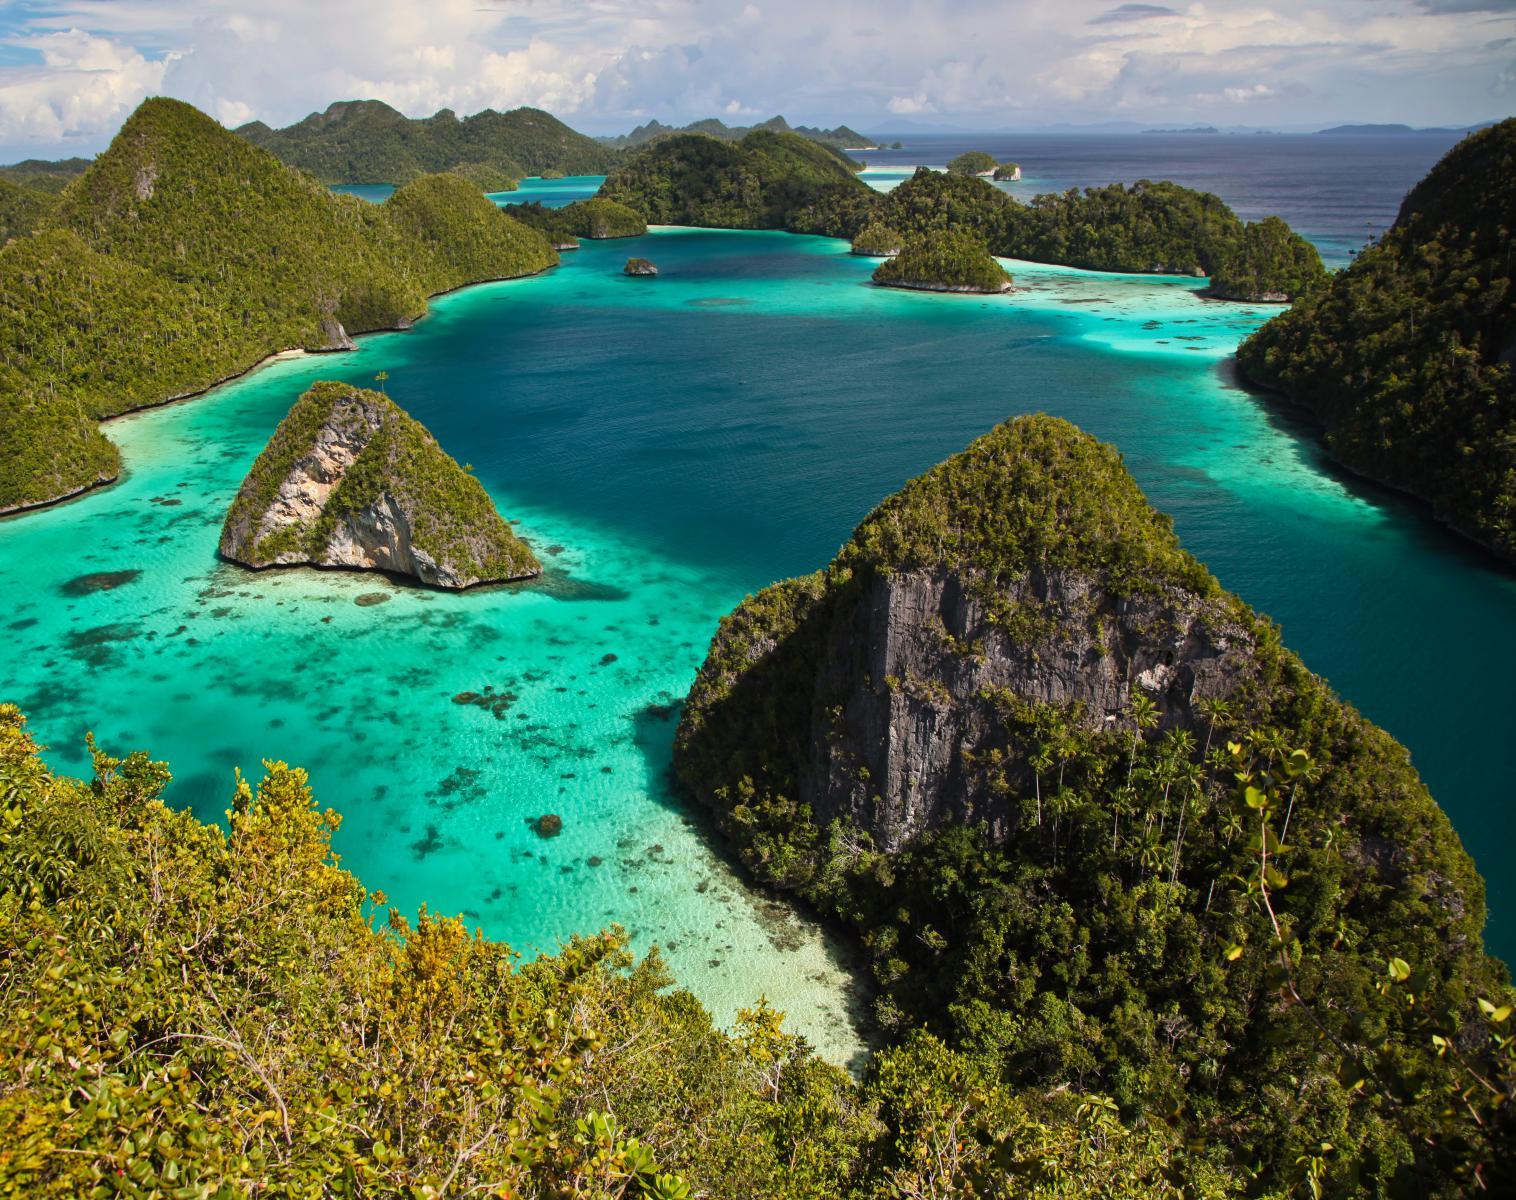 Indonésie  Le paradis sur Terre, l'archipel des Raja Ampat   Photo Observation nature Navigation Apnée & Plongée  Balade nature Rencontres et cultures du Monde